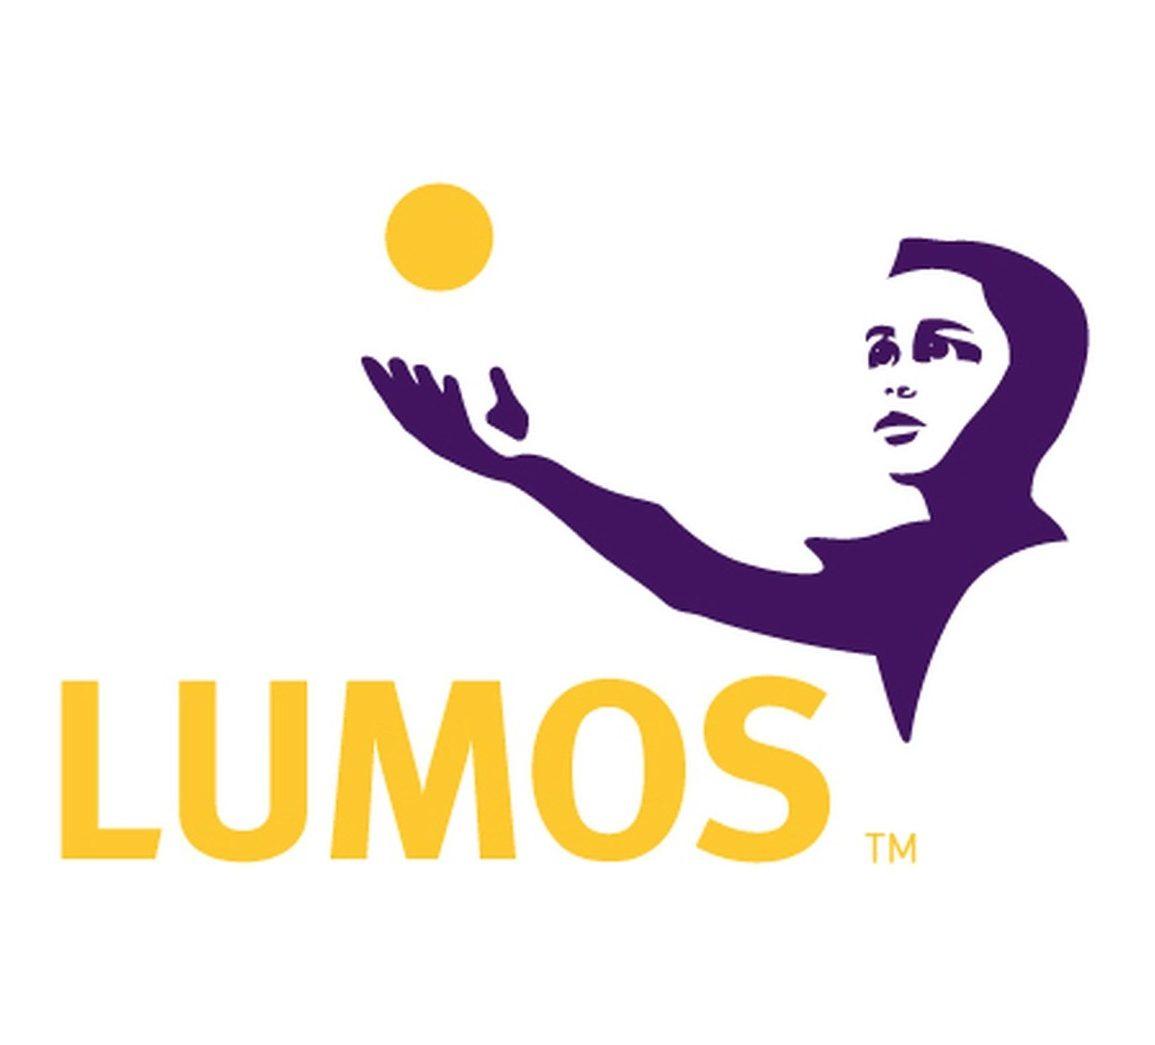 Lumos's logo